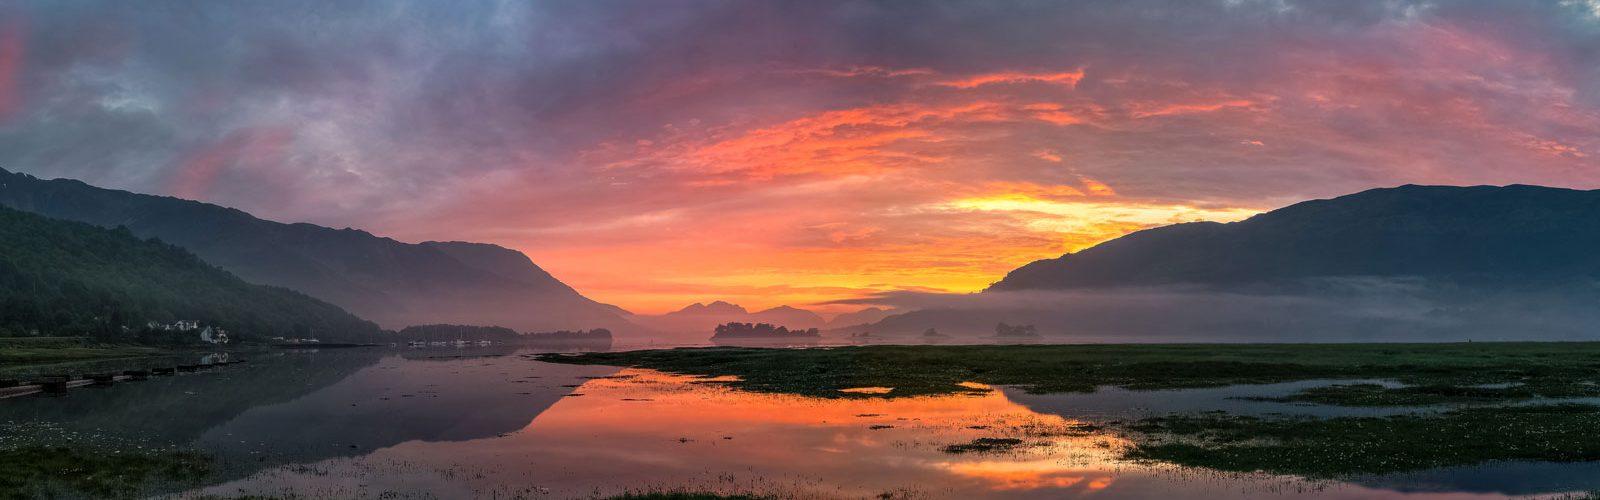 Sunset over Glencoe in Scotland